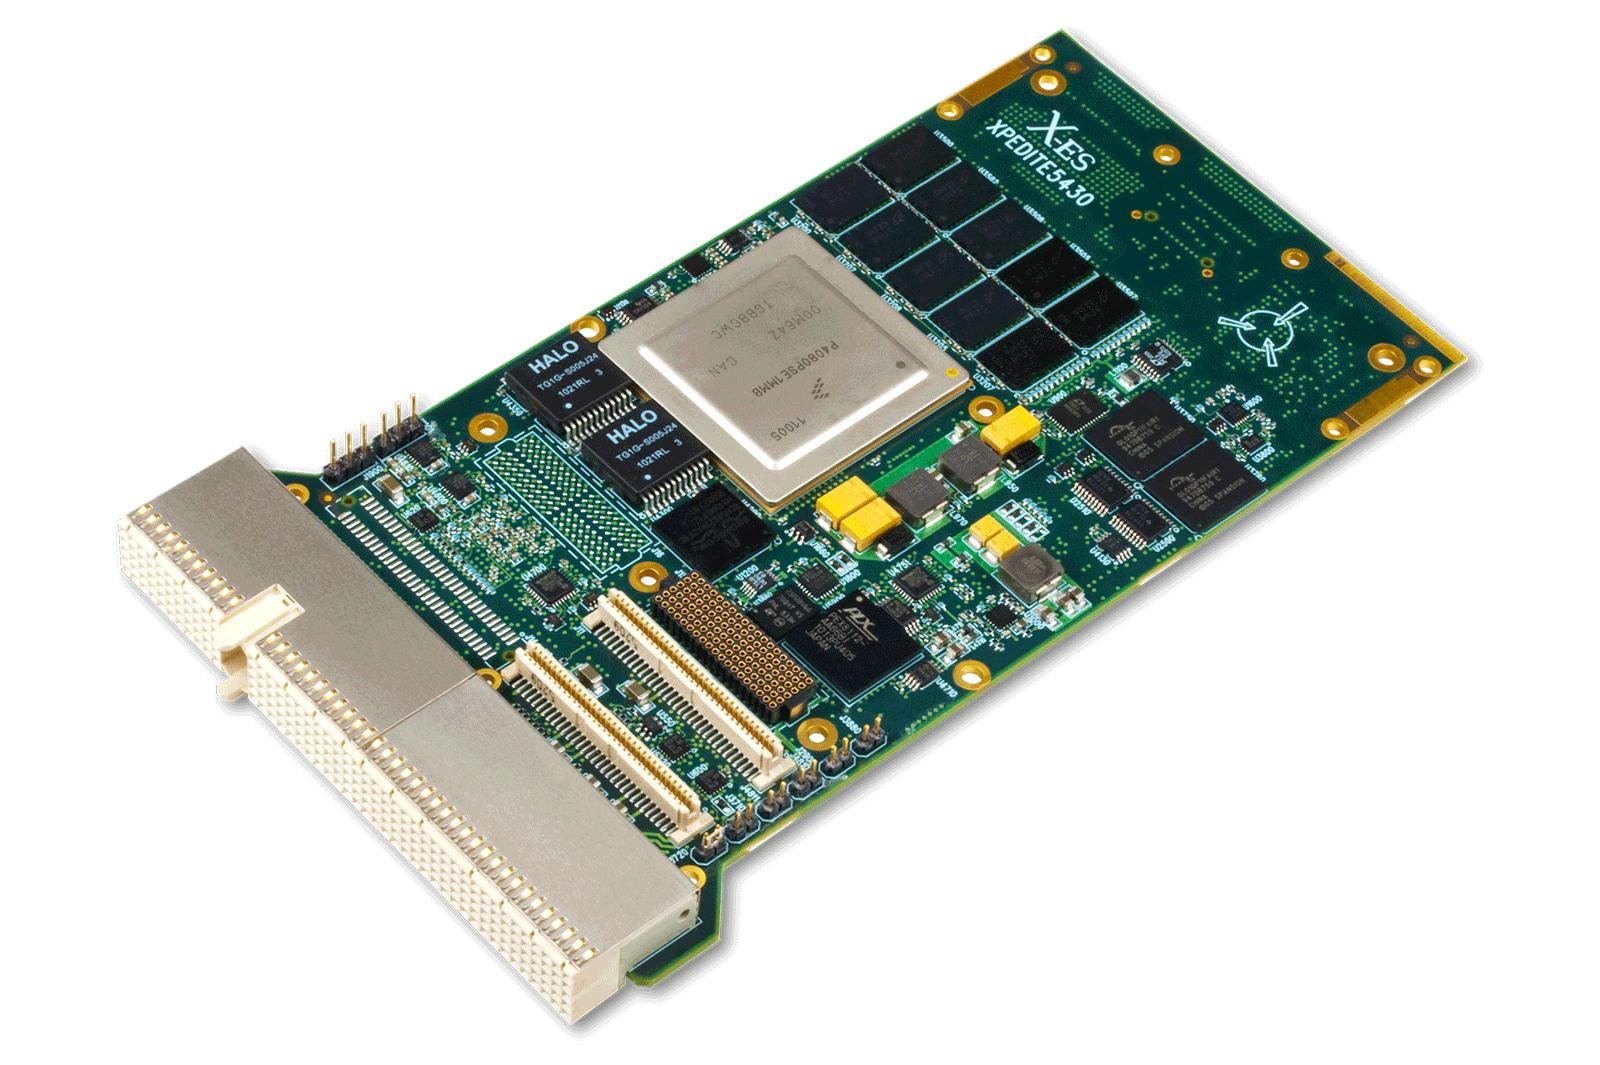 XPedite5430 3U cPCI SBC